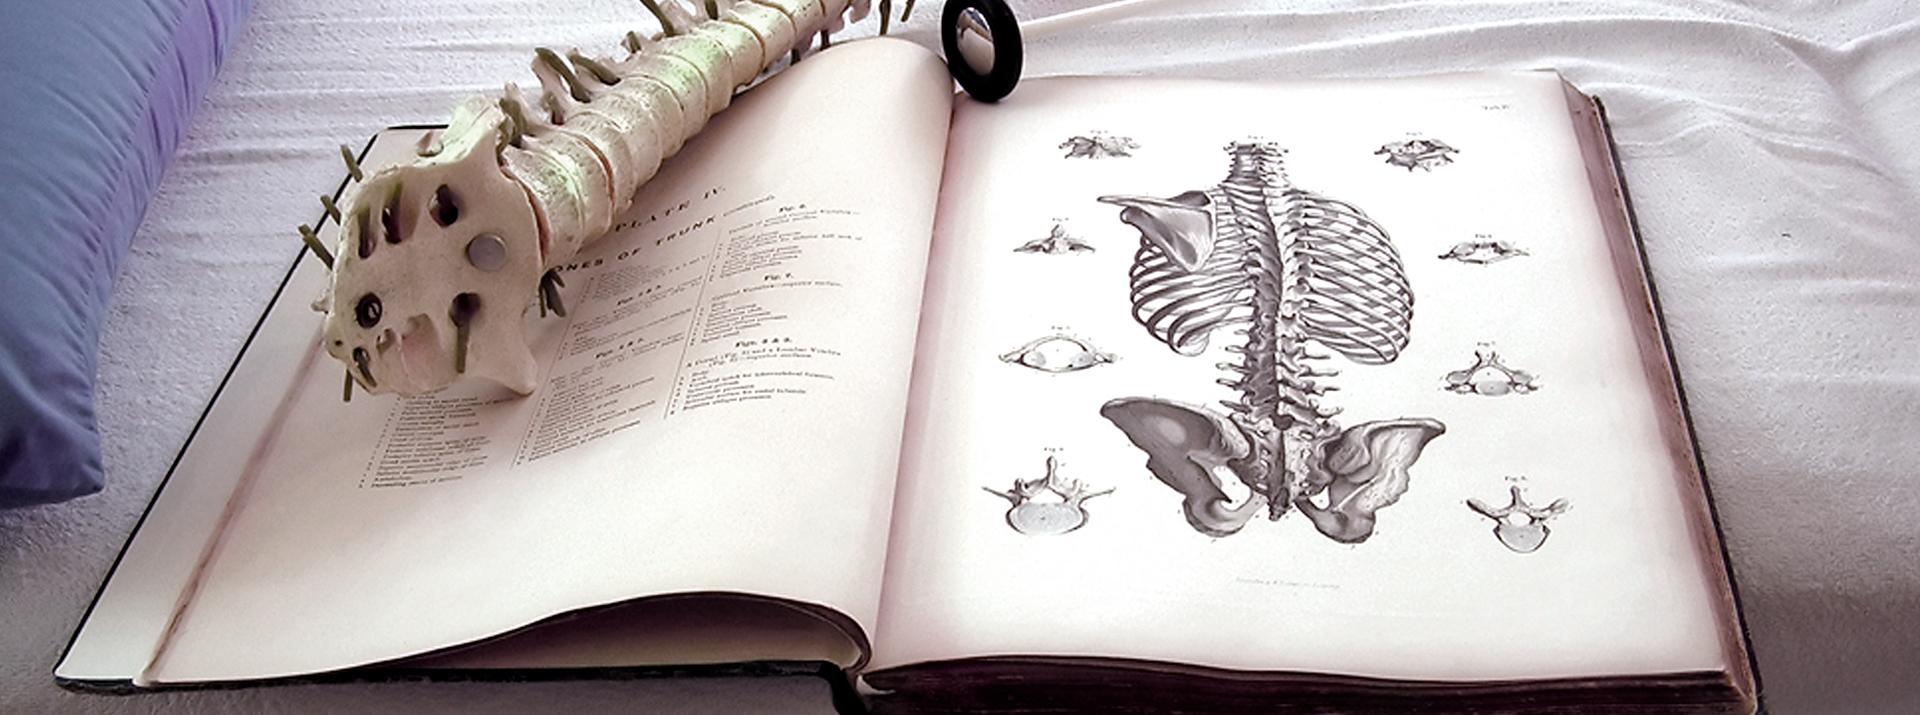 La chiropratica: Intervista al Dr. Antonio Gil